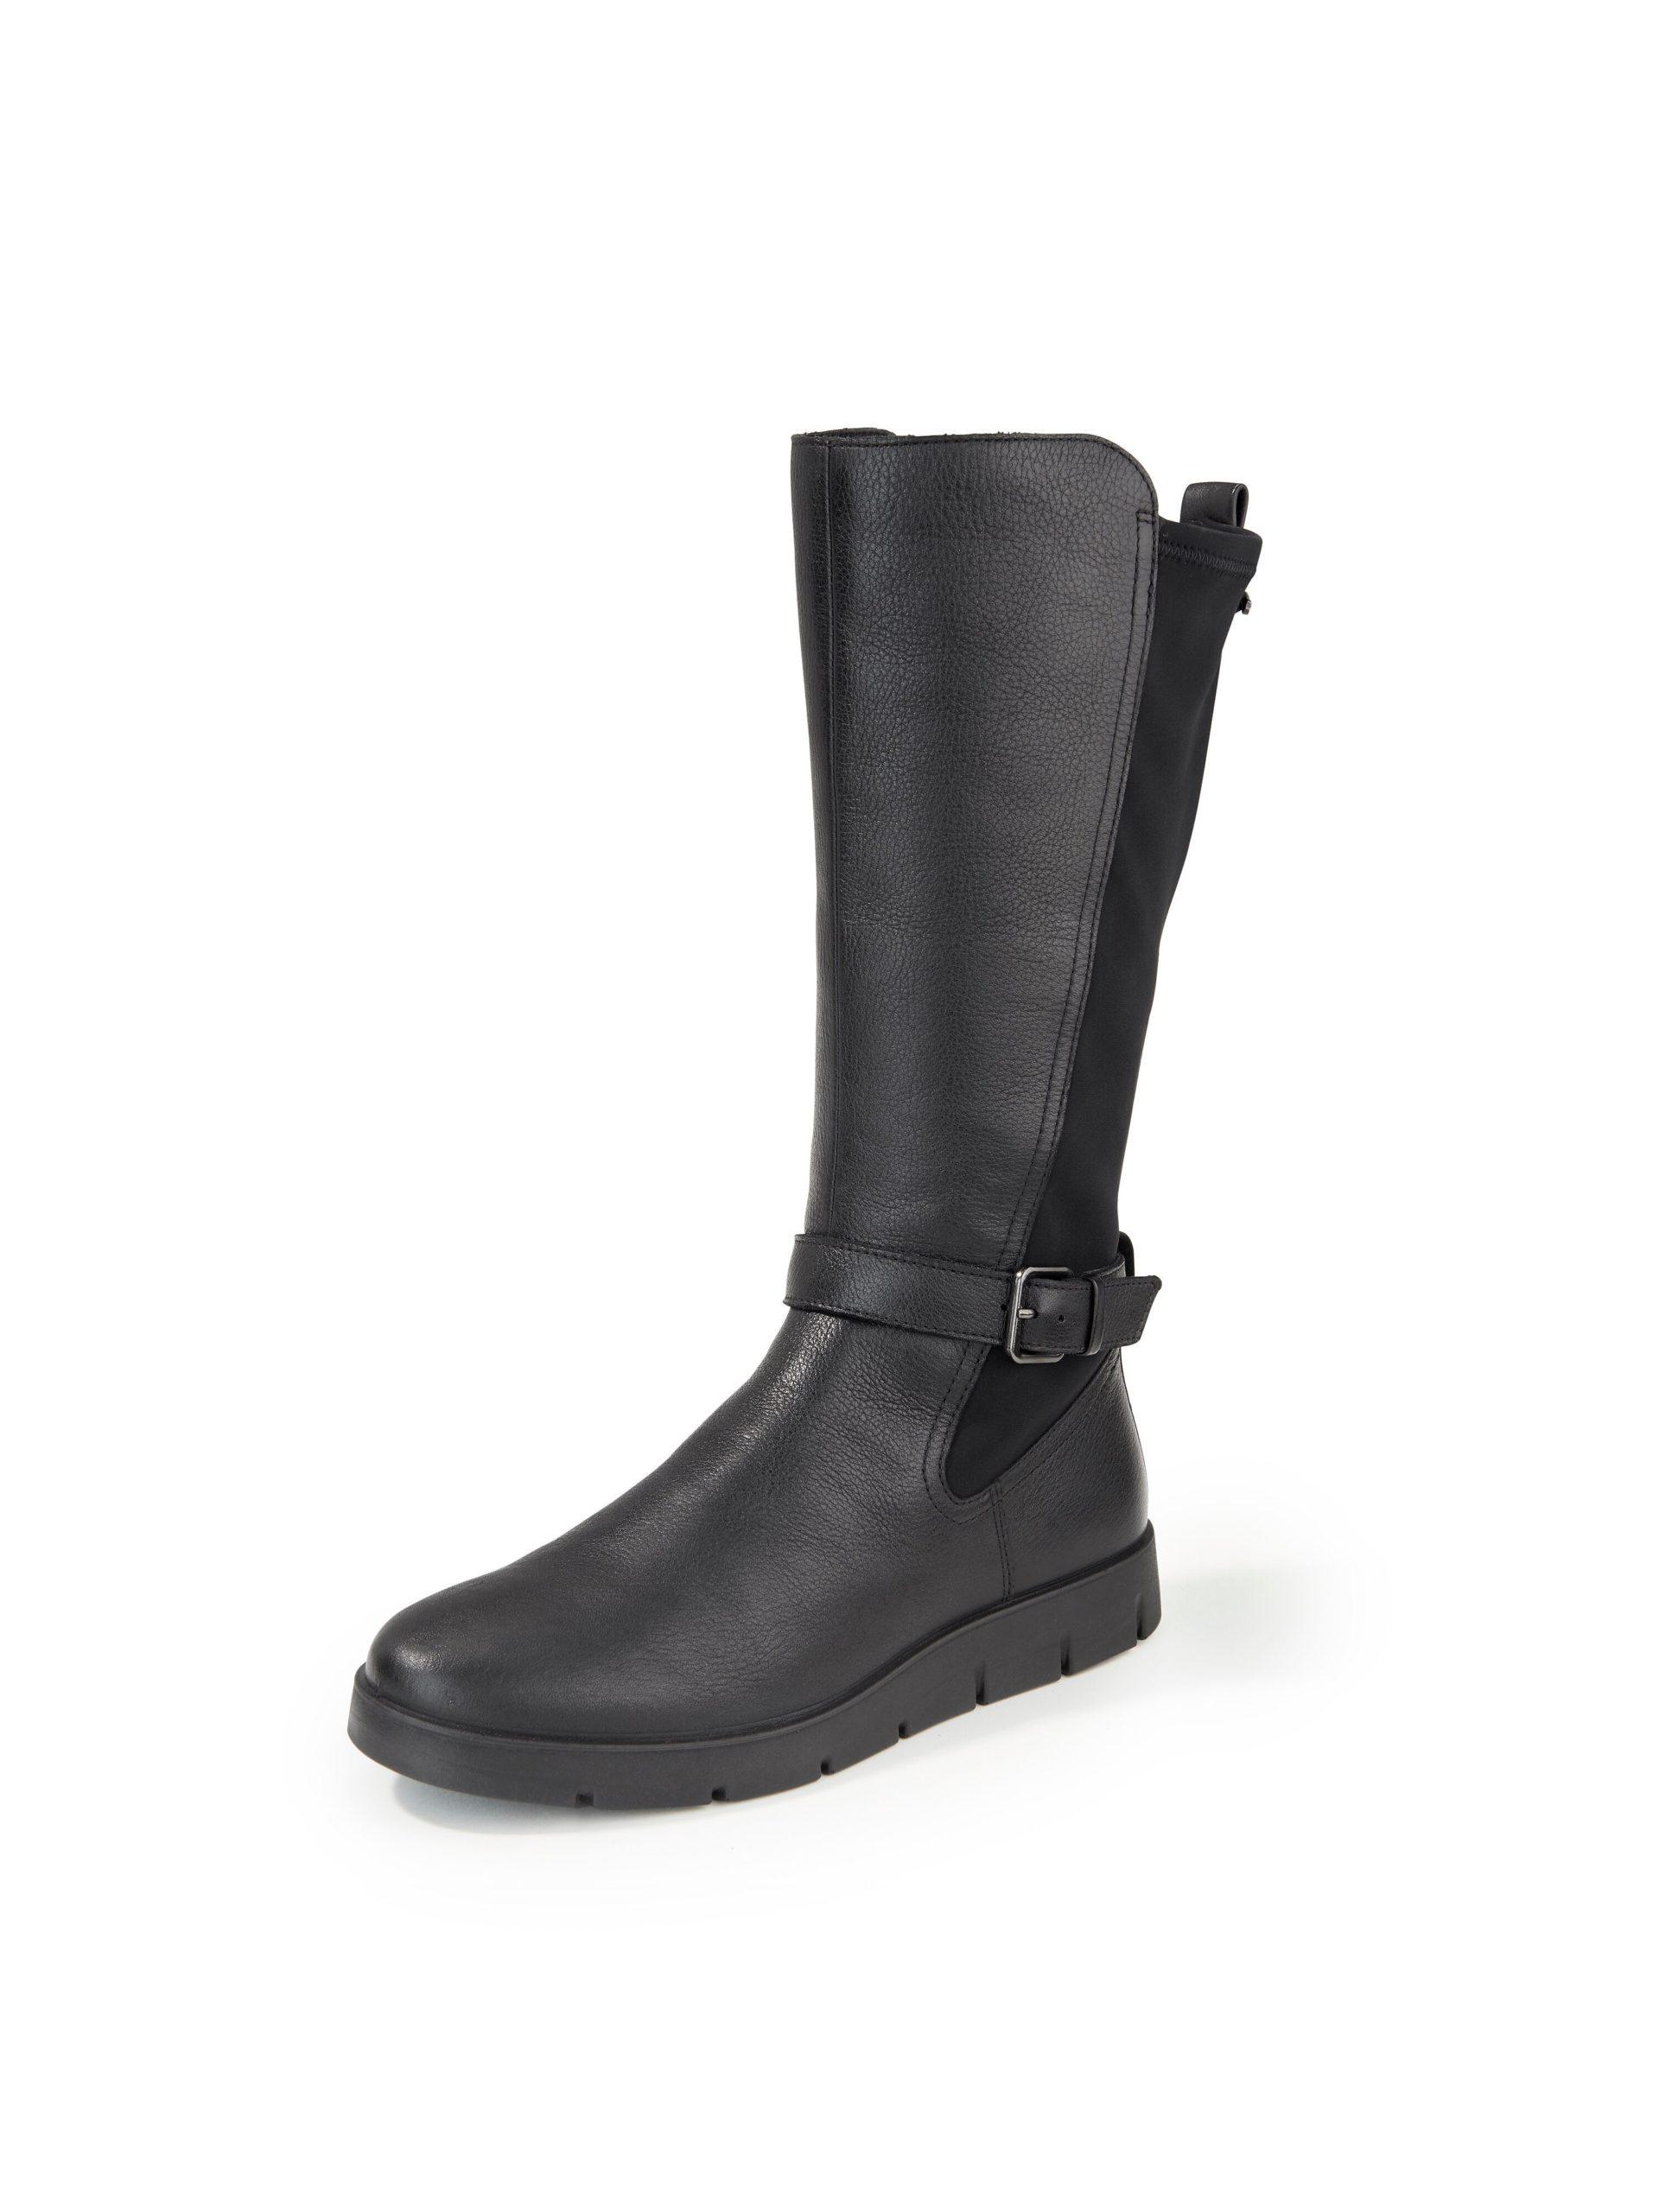 Laarzen Van Ecco zwart Kopen